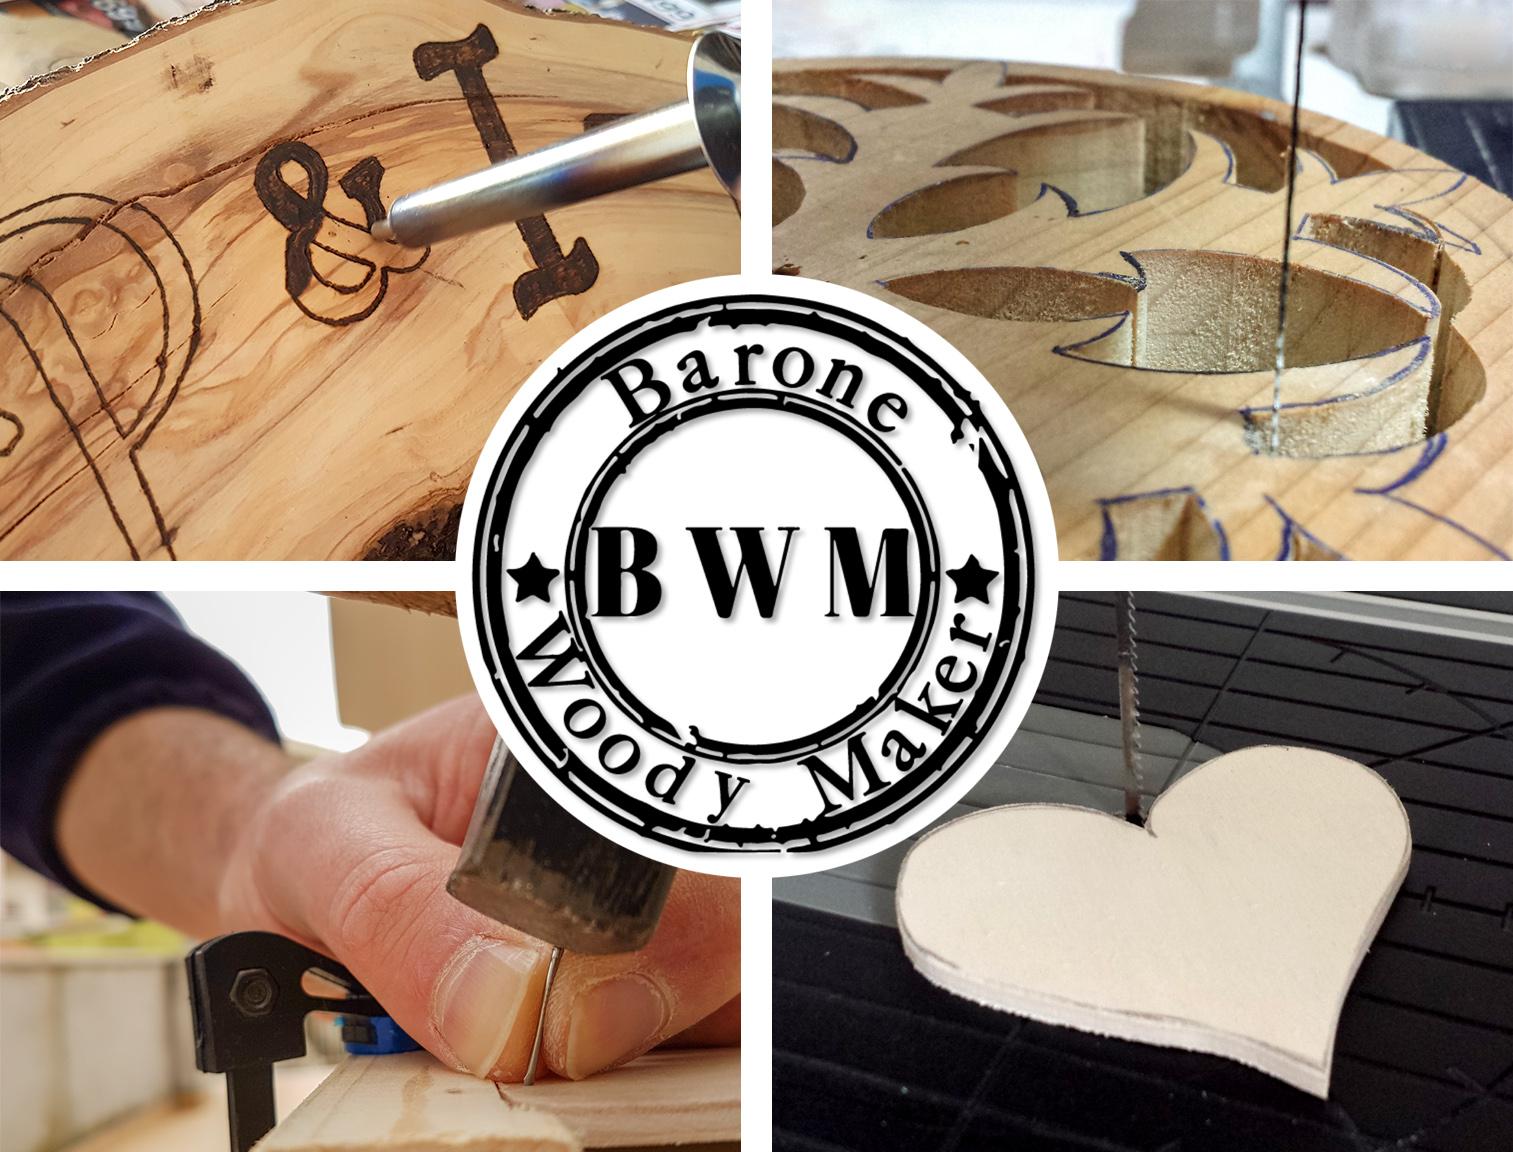 Creazioni in legno personalizzate - Barone Woody Maker